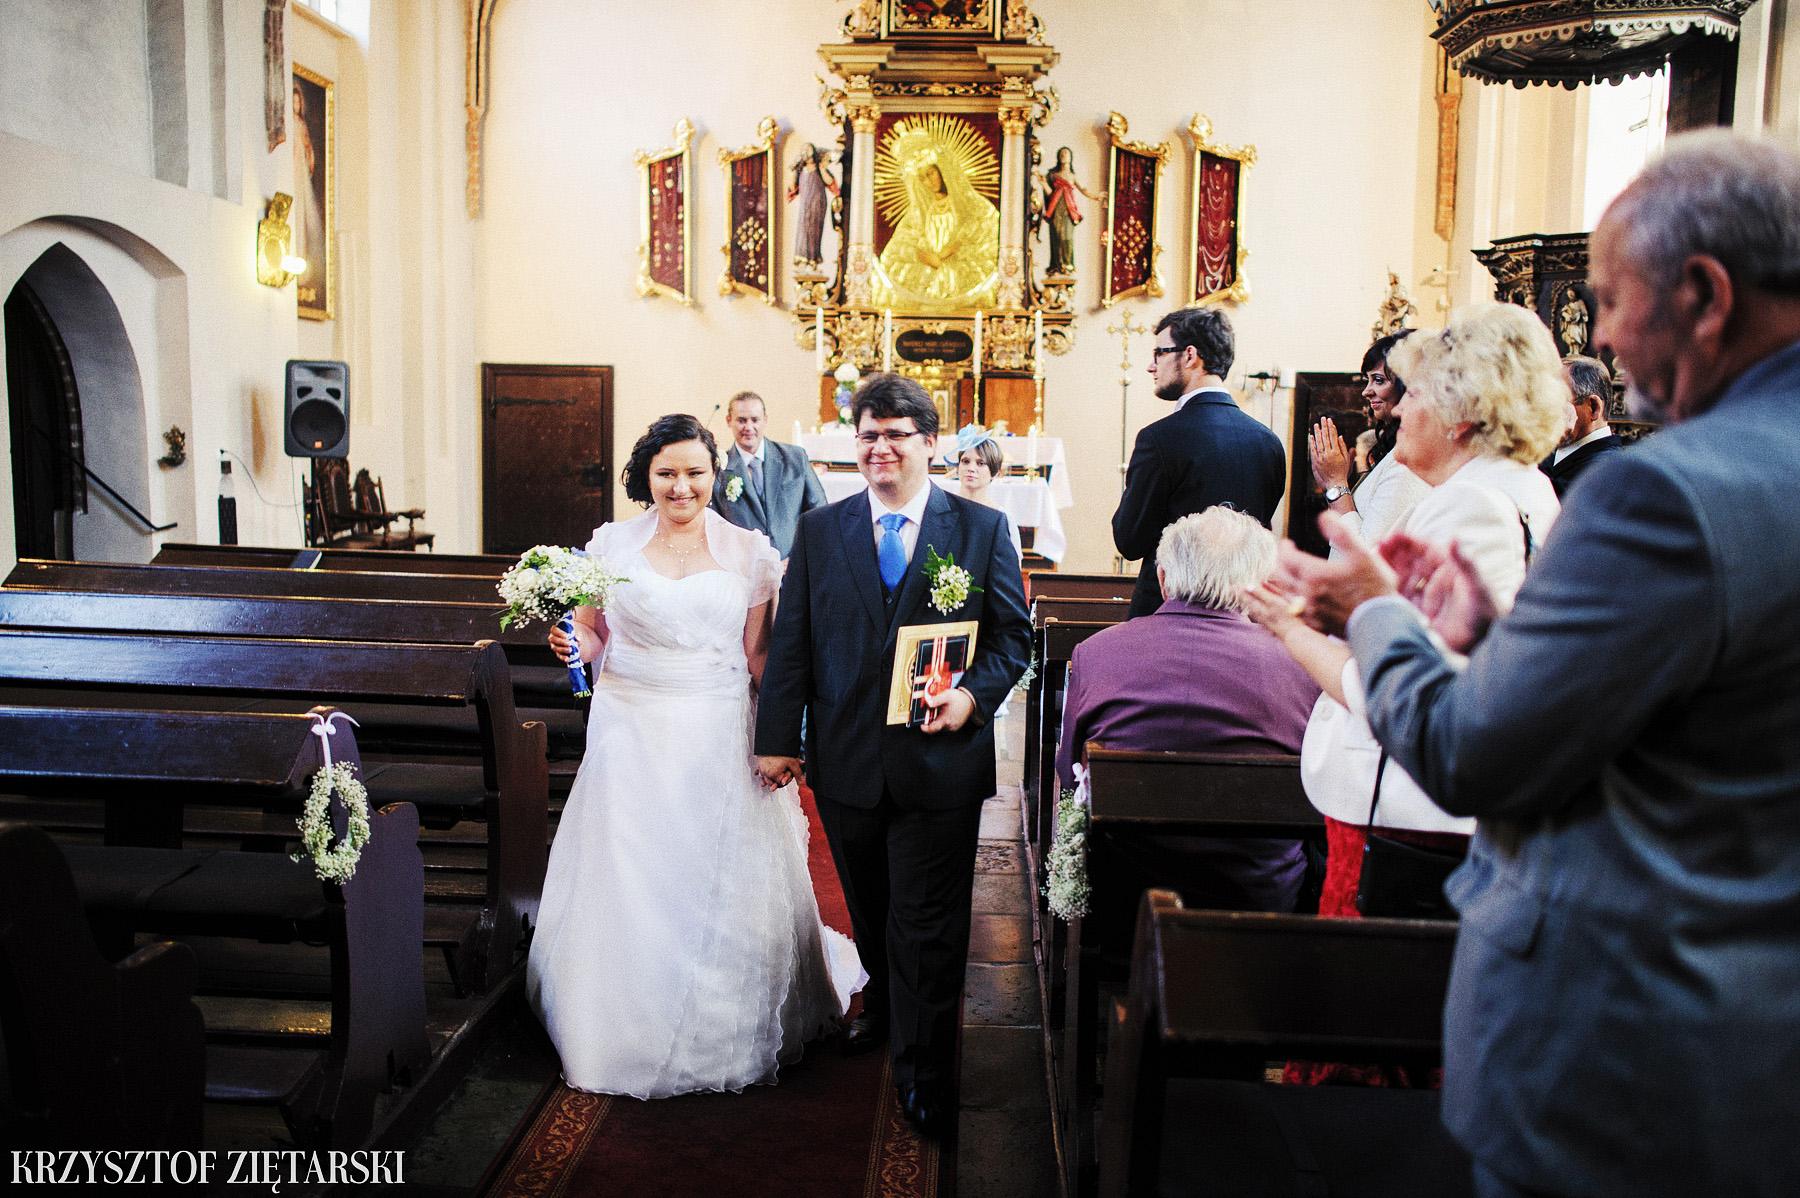 Kamila i Olaf - Fotografia ślubna Gdańsk, kaplica św.Anny, wesele Elipsa Stężyca - 21.